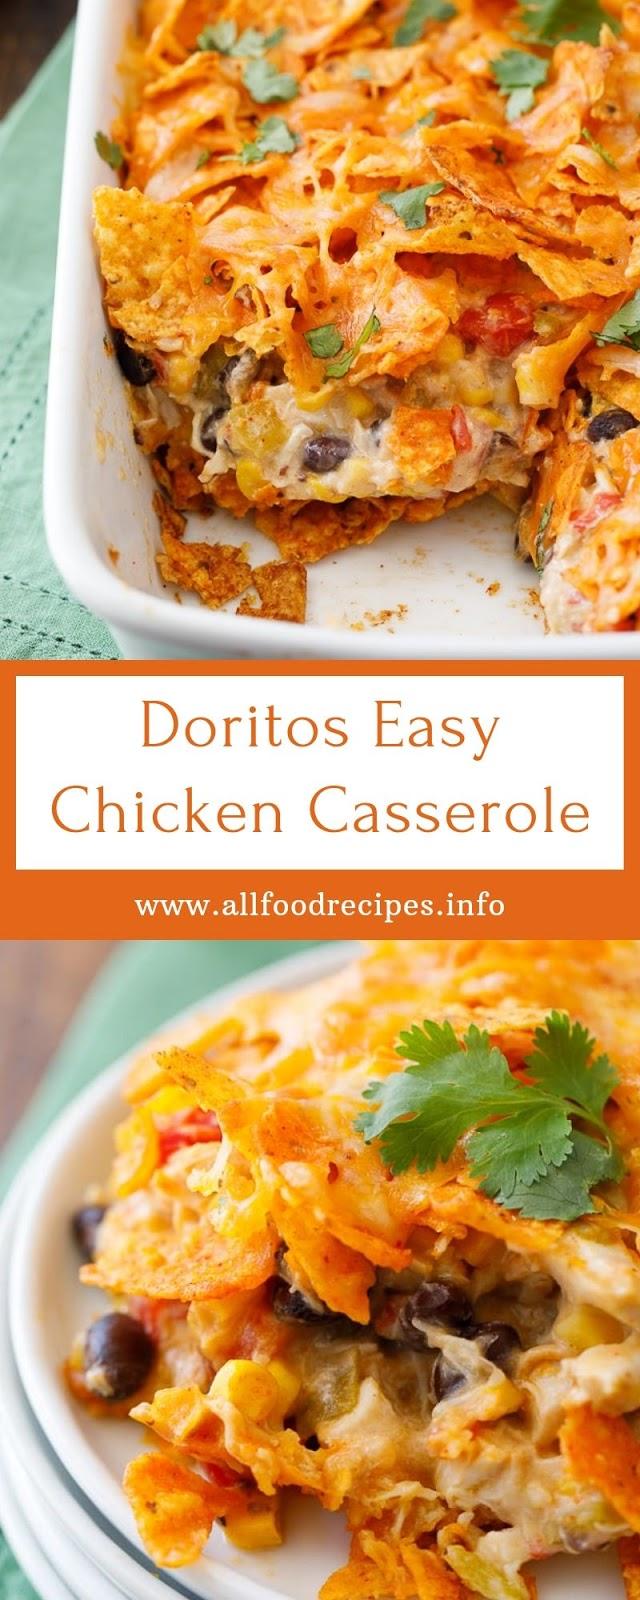 Doritos Easy Chicken Casserole